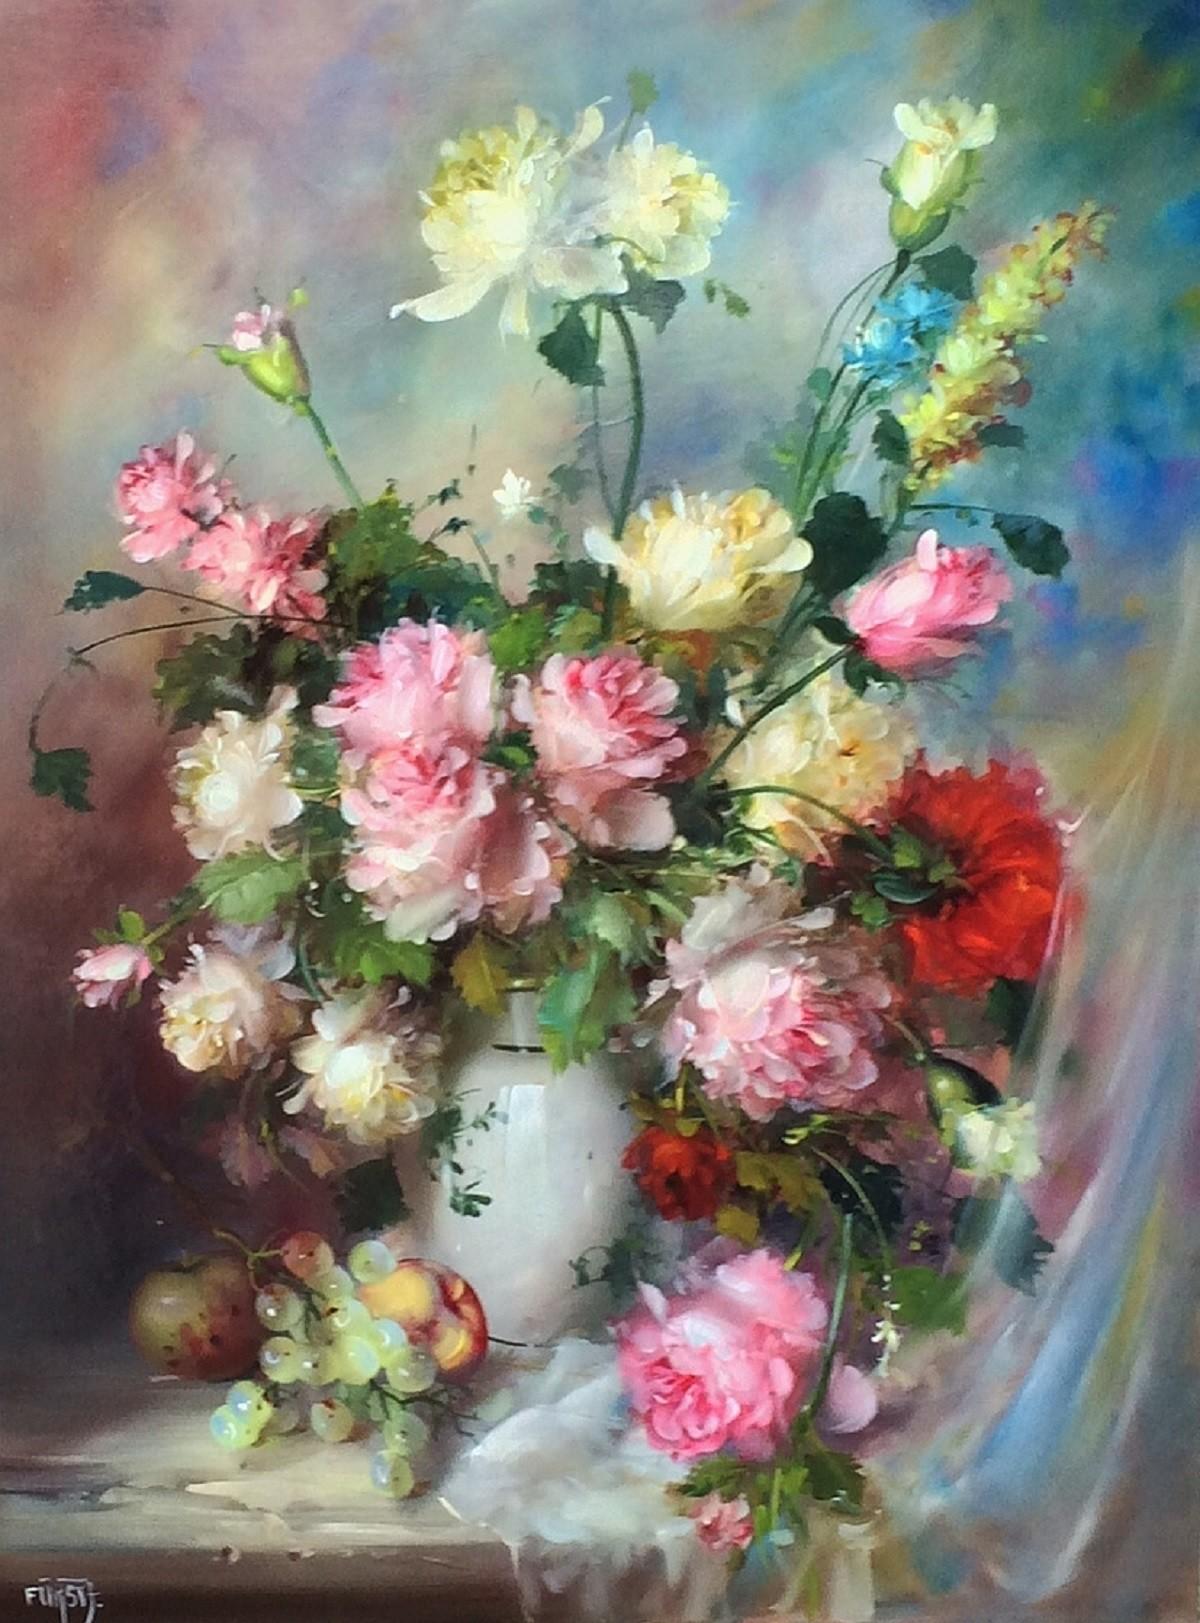 József Fürst - Flavour of summer (Artwork to order)